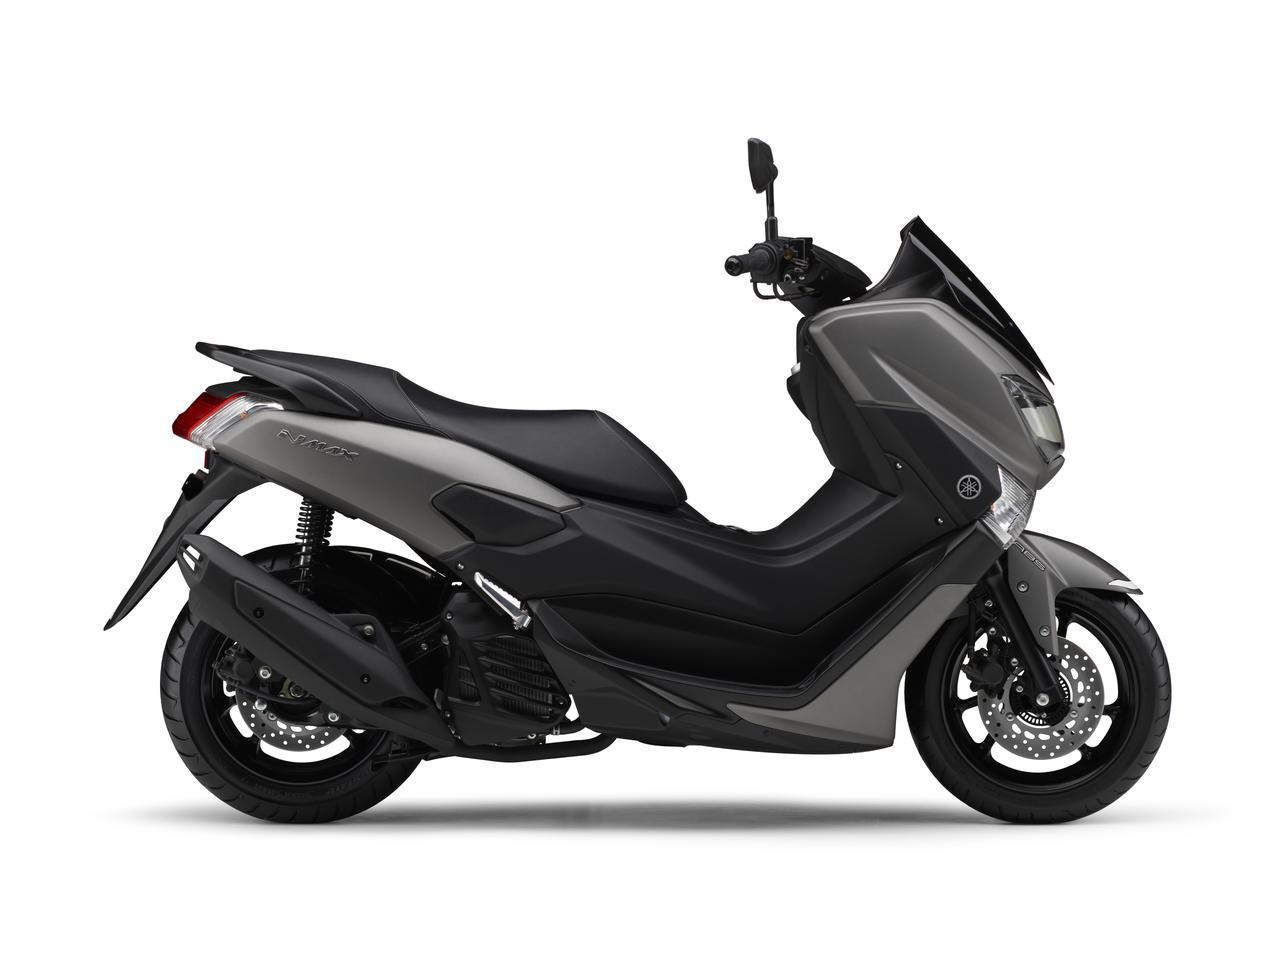 画像11: ヤマハ「NMAX ABS」(2020年)解説&試乗インプレ|YAMAHAで最も高価な125cc二輪スクーターの魅力とは?